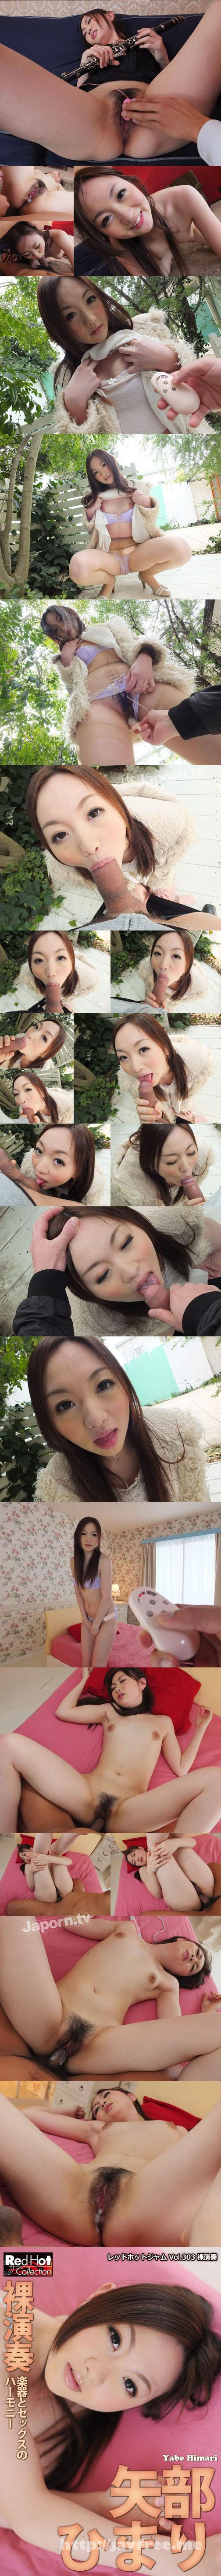 [RHJ 303] レッドホットジャム Vol.303 裸演奏 : 矢部ひまり 矢部ひまり RHJ Himari Yabe